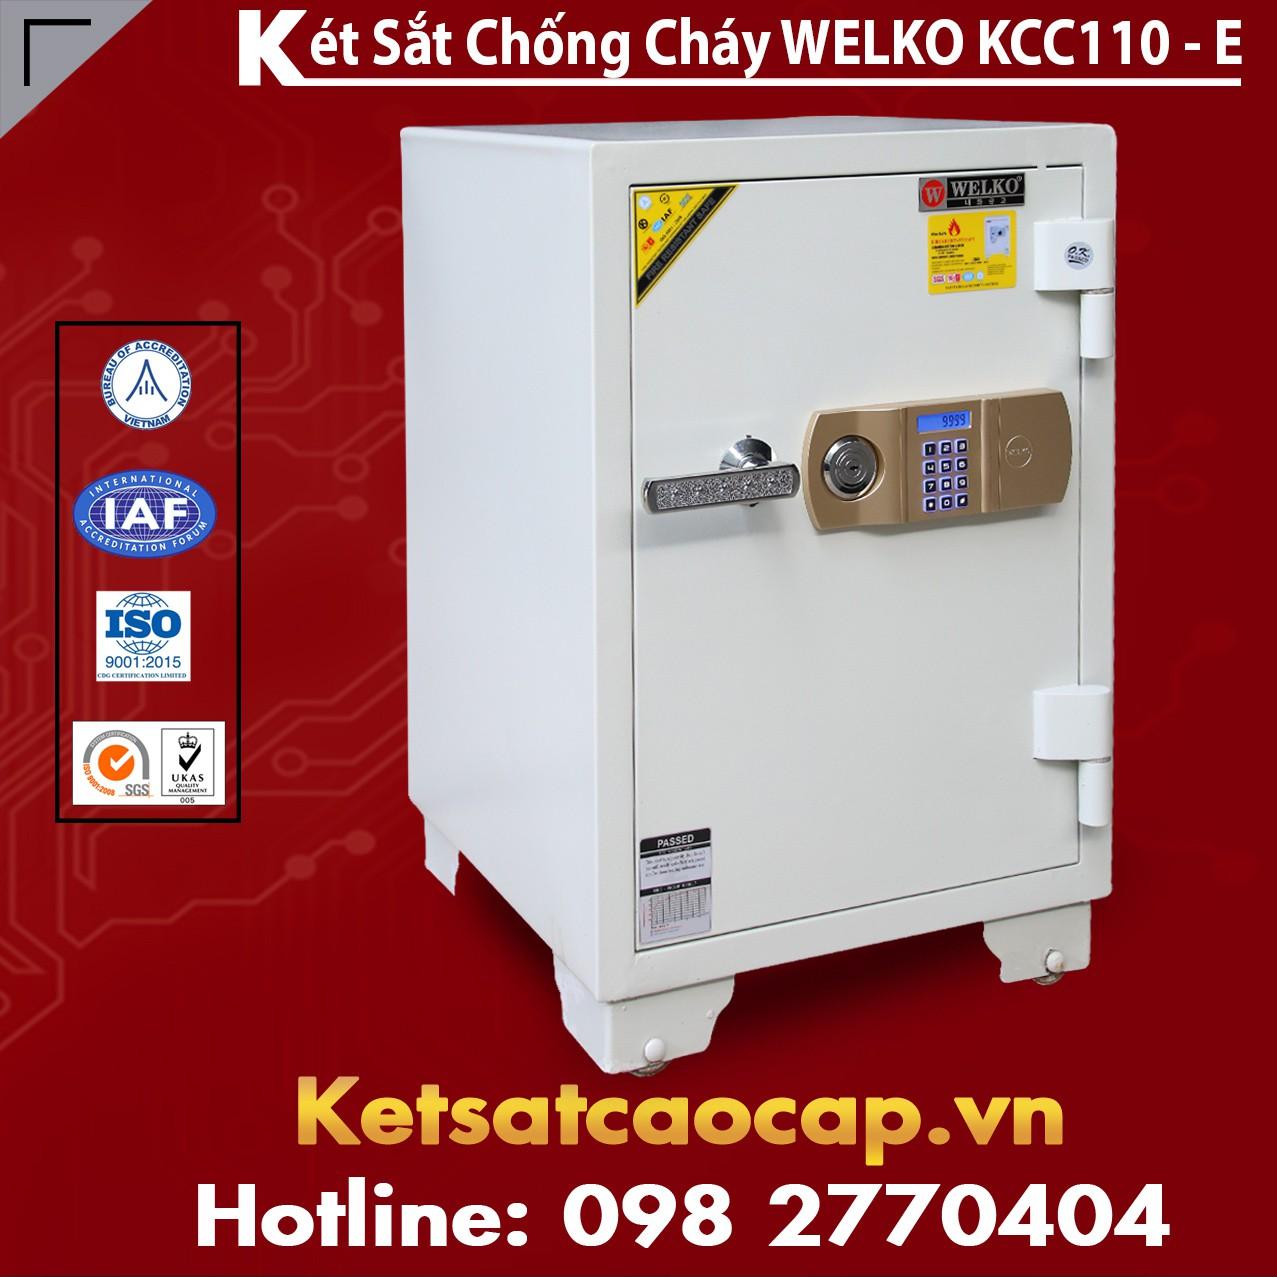 Két Sắt Thần Tài WELKO KCC110 - E Gold